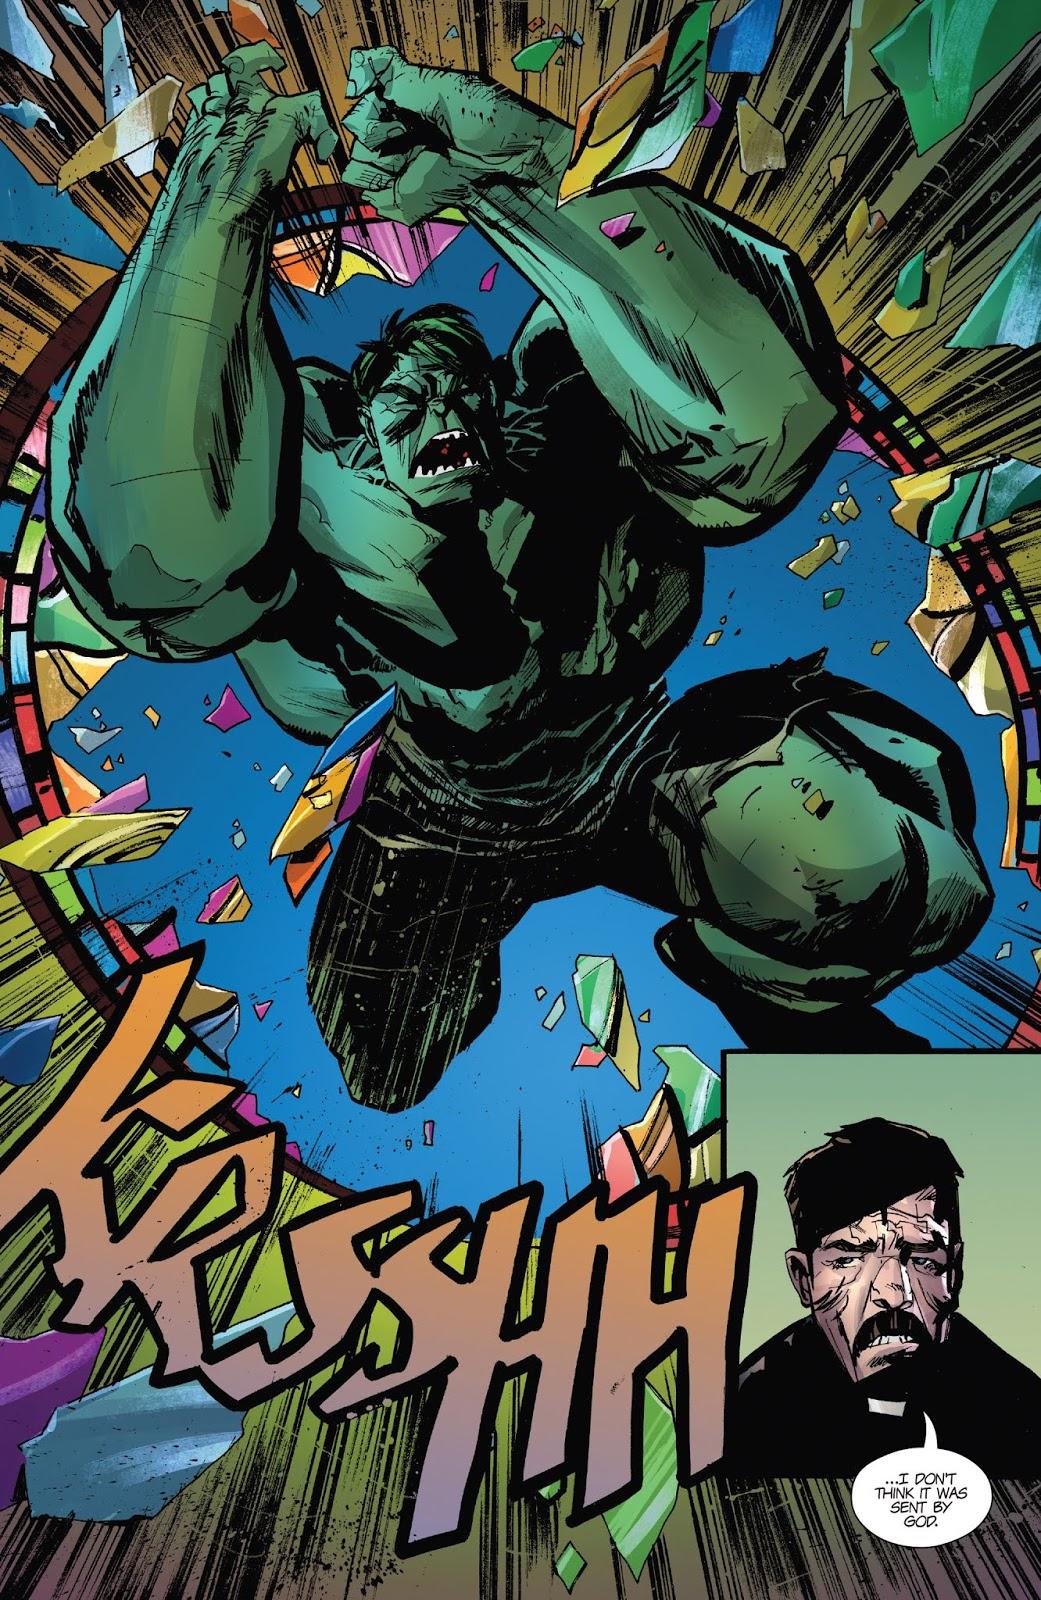 The Hulk (Immortal Hulk #3)